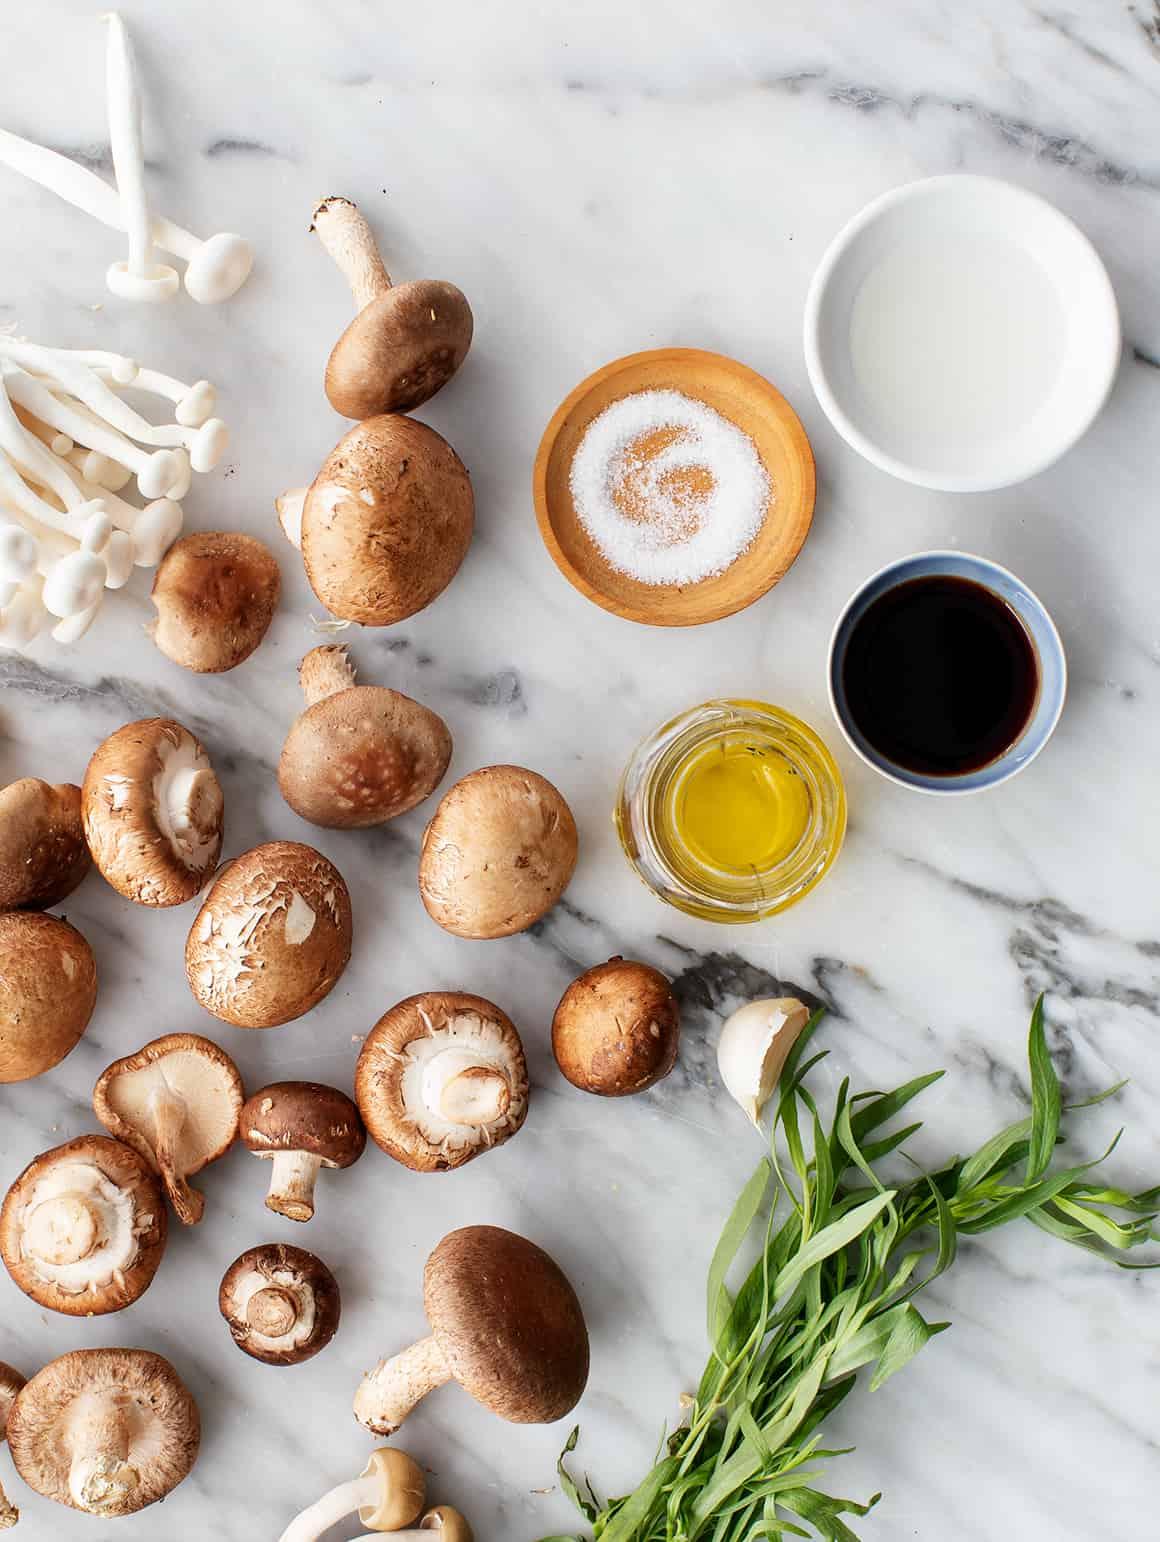 Sautéed mushroom recipe ingredients